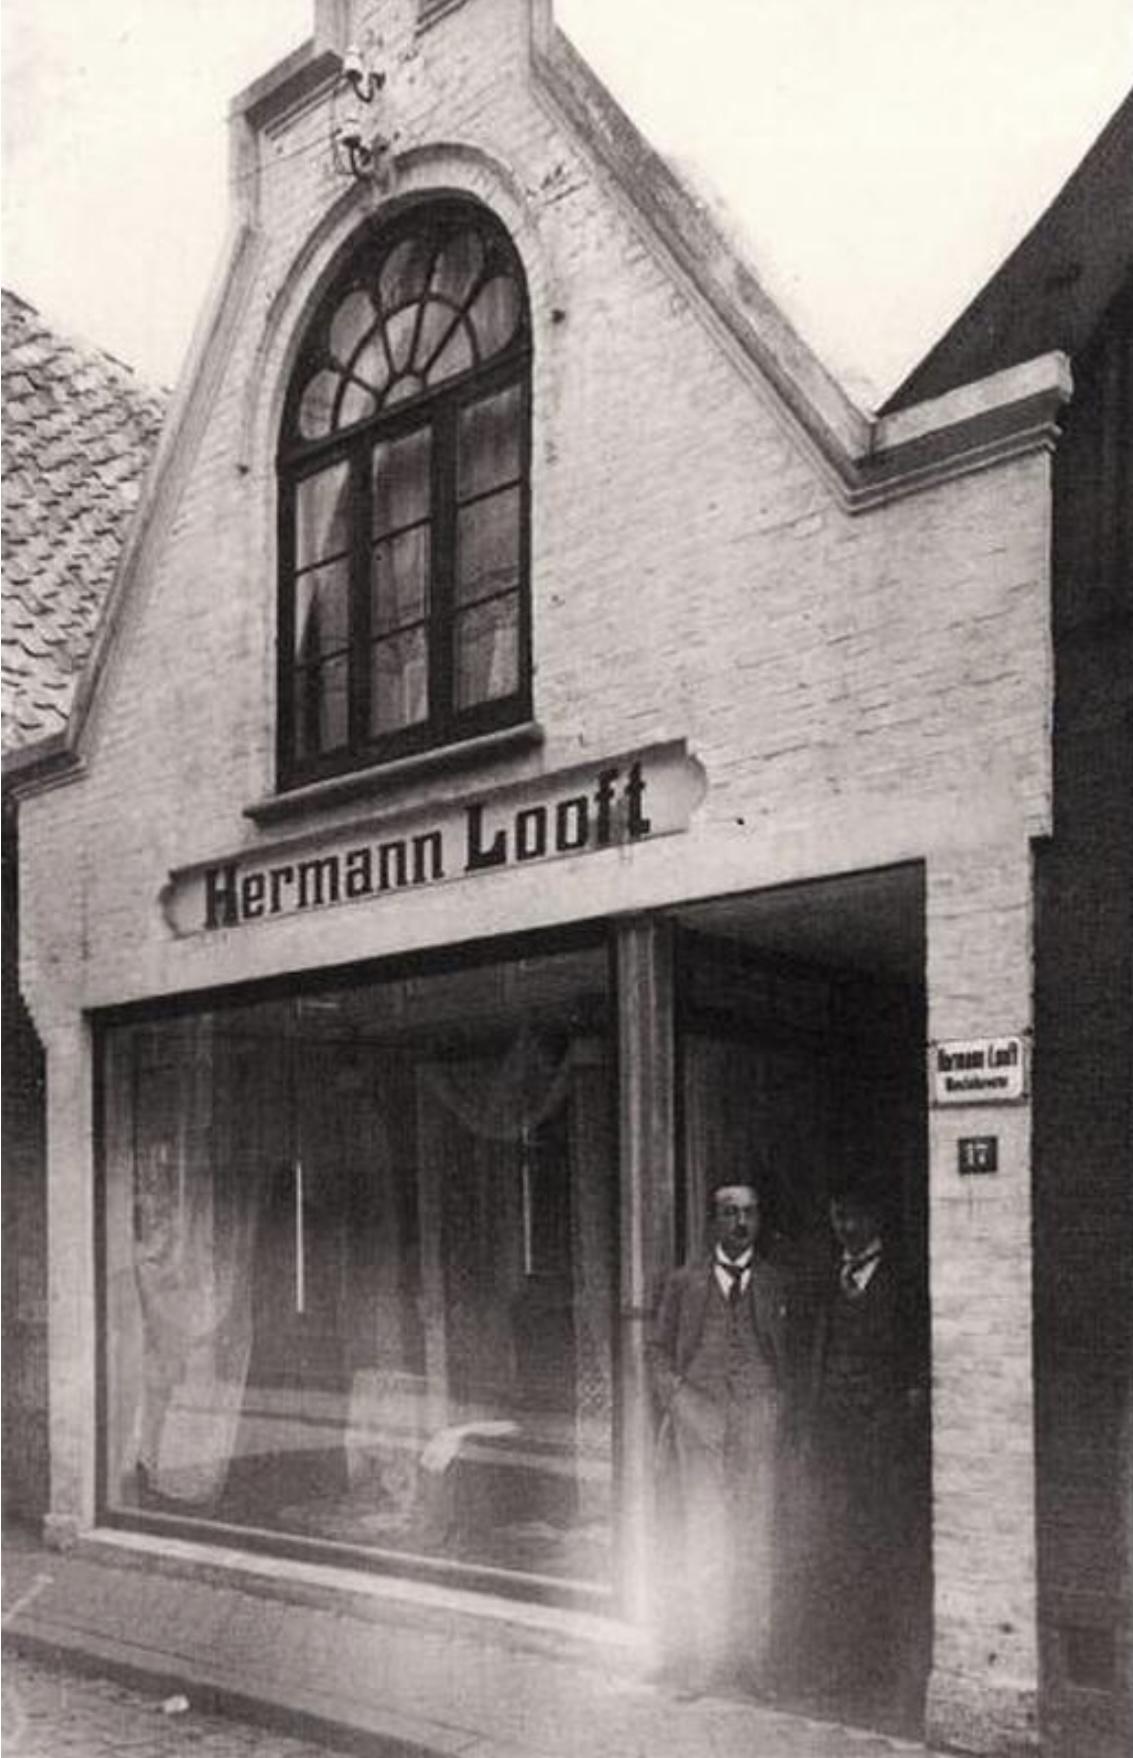 Geschäft Hermann Looft